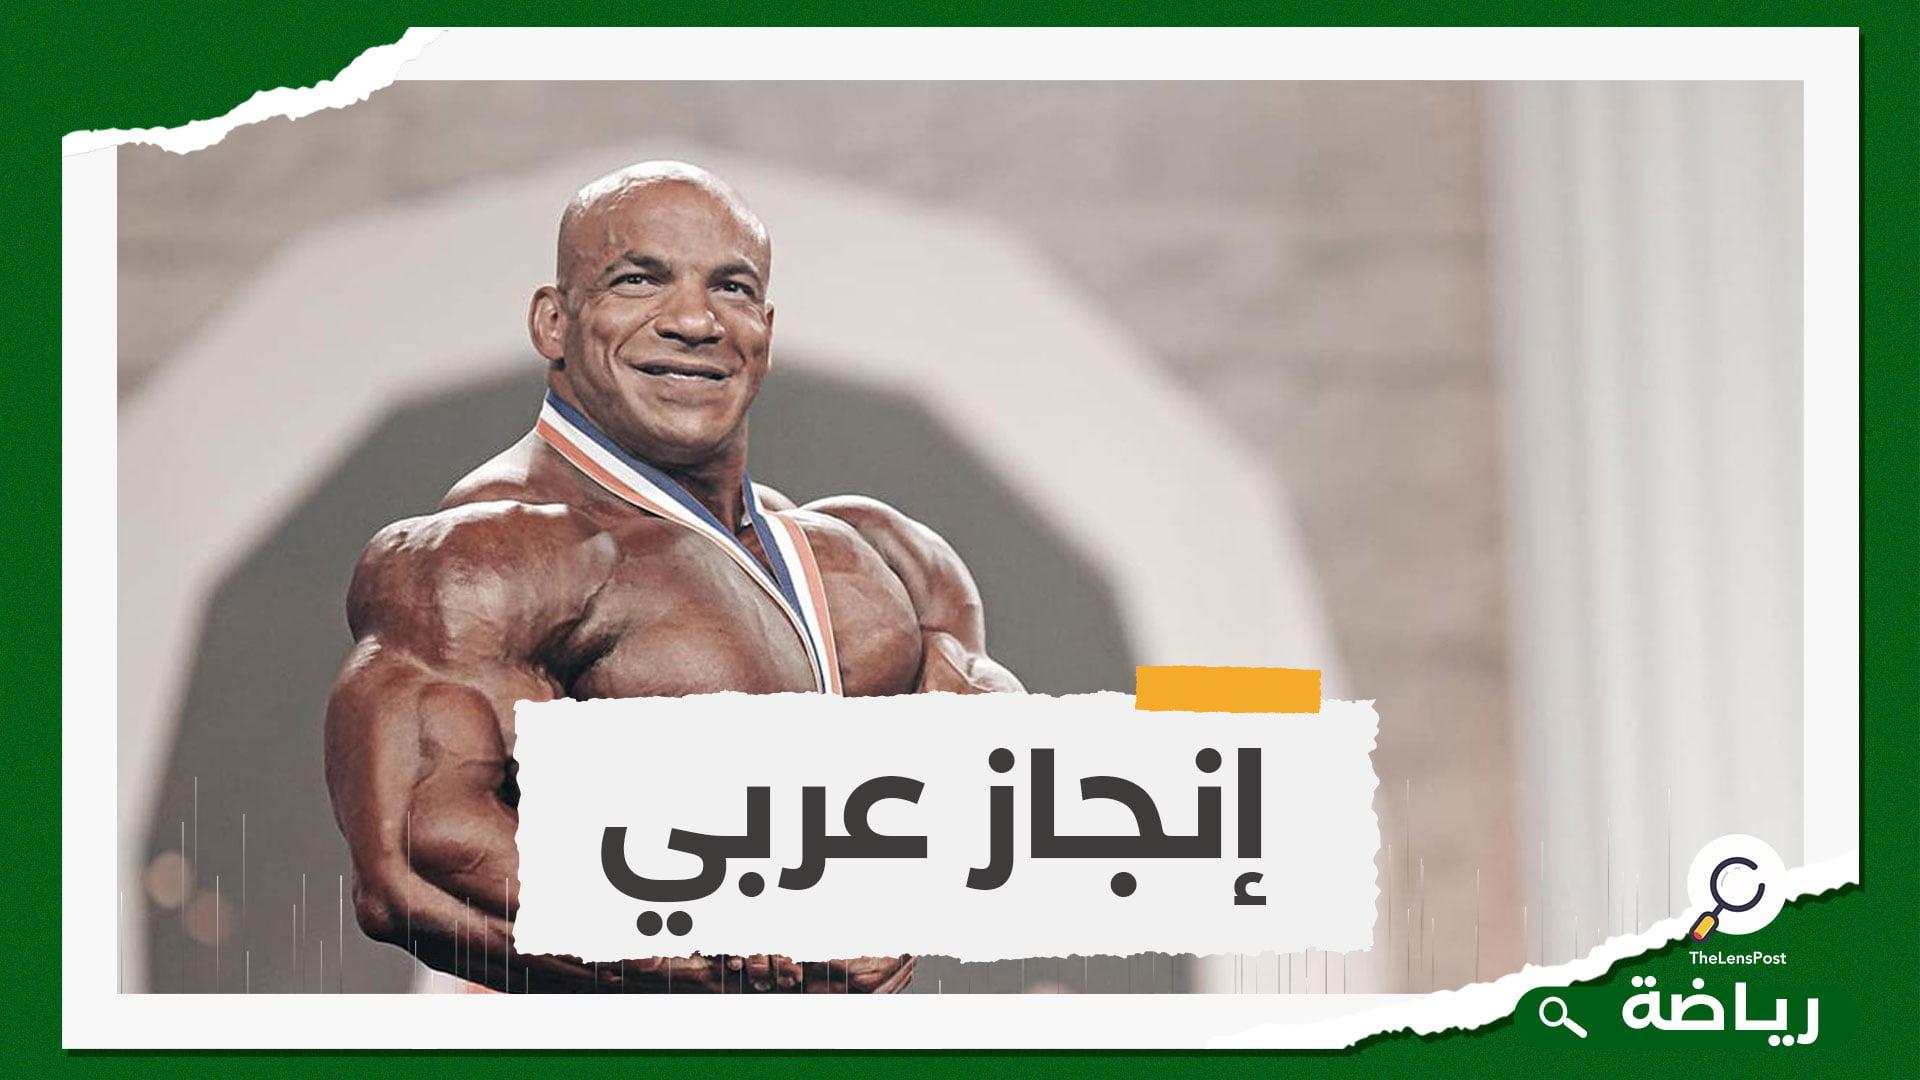 بيج رامي .. أول مصري يتوج ببطولة مستر أولمبيا لكمال الأجسام